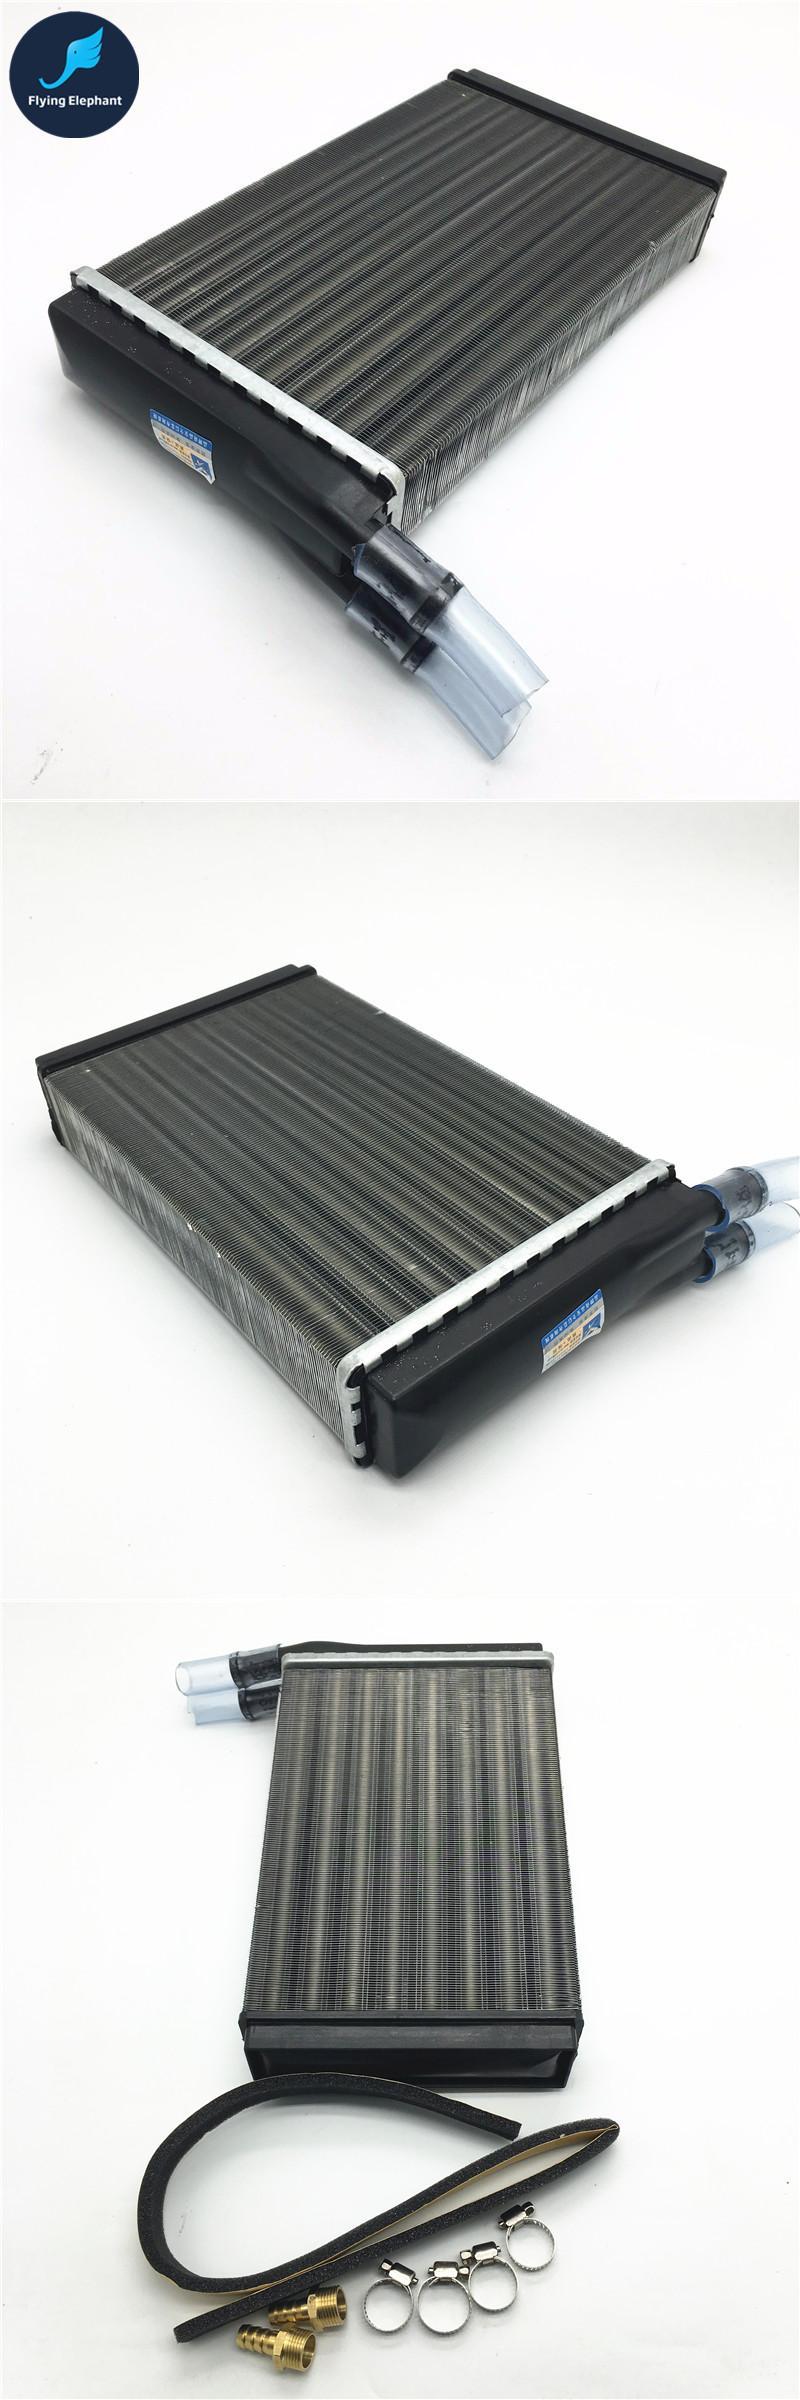 [Visit to Buy] DIY 240 Computer Water Cooling Radiator CPU